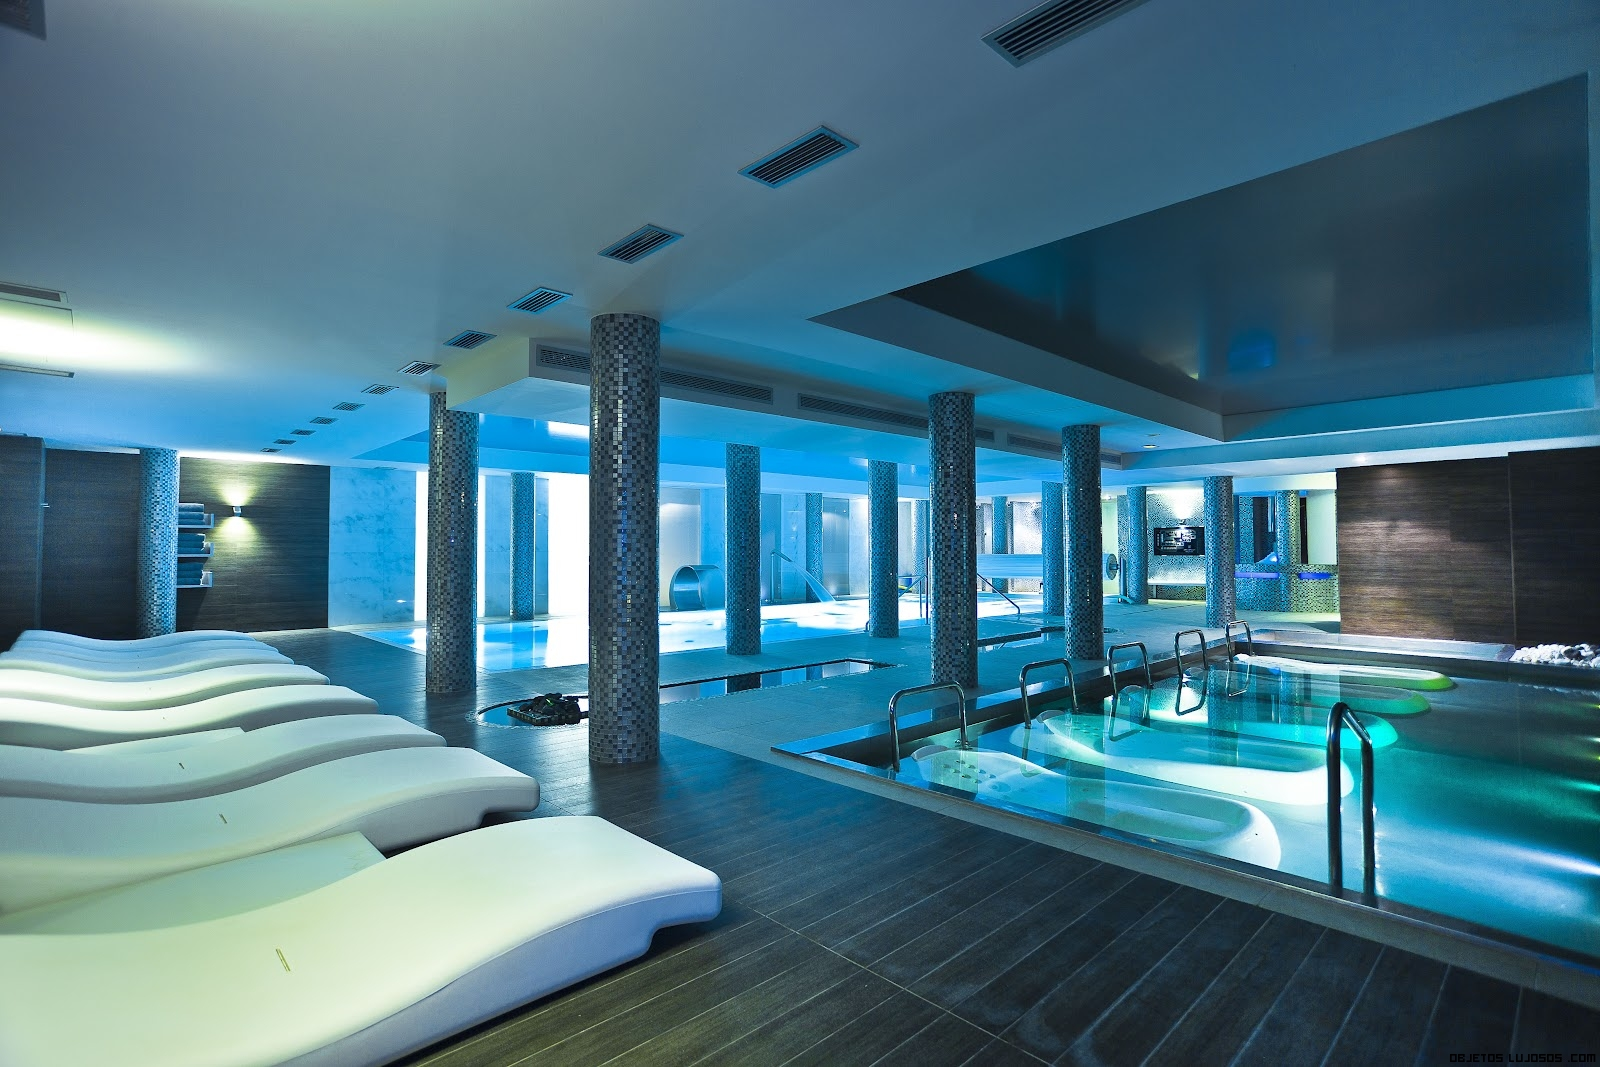 Sha wellness un hotel y algo m s for Hoteles interior alicante